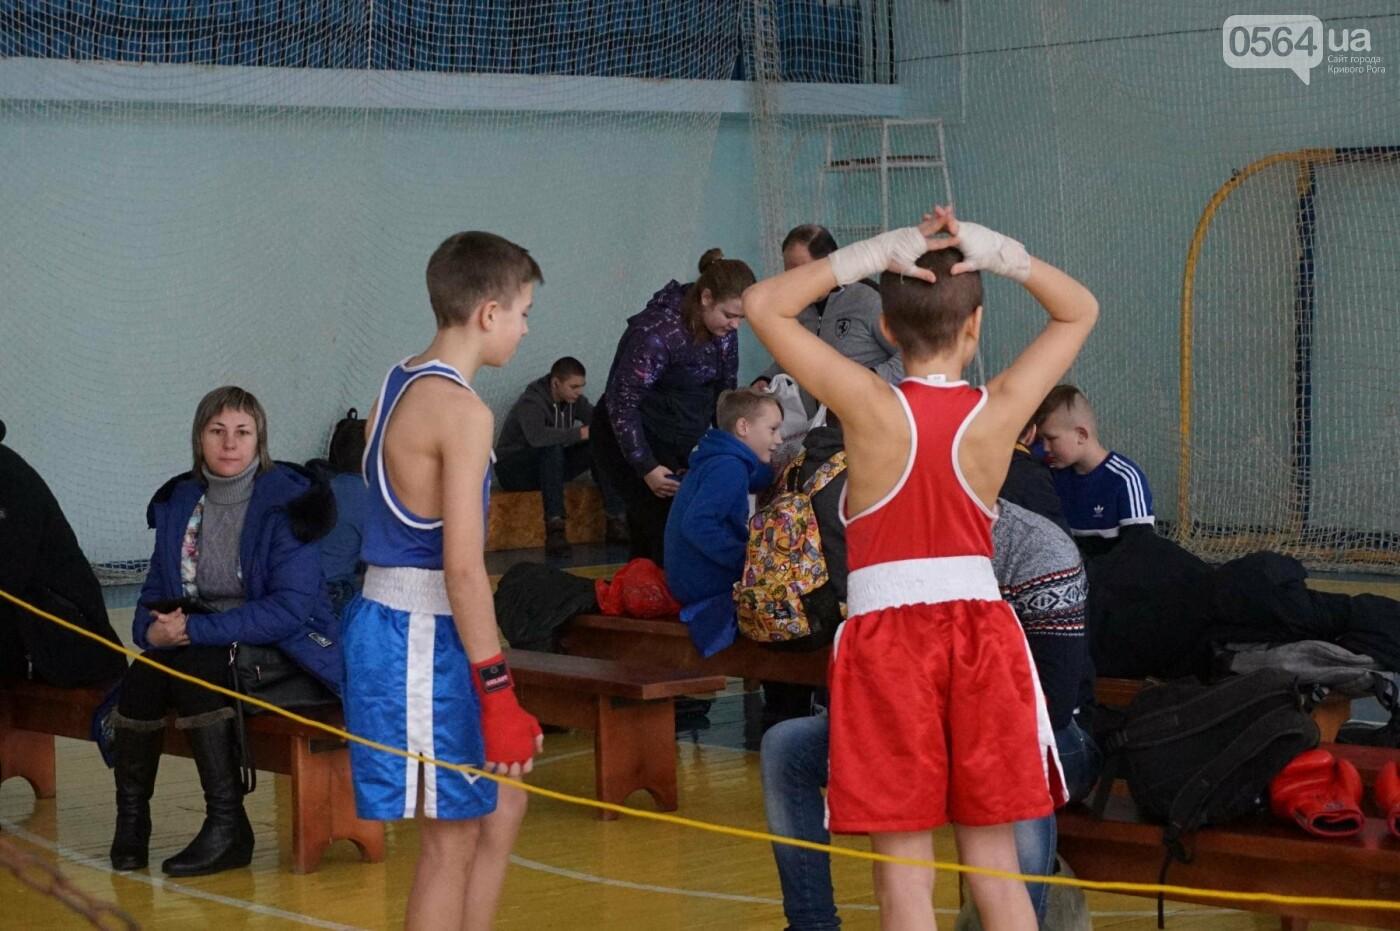 В Кривом Роге состоялся Международный турнир по боксу (ФОТО, ВИДЕО), фото-51